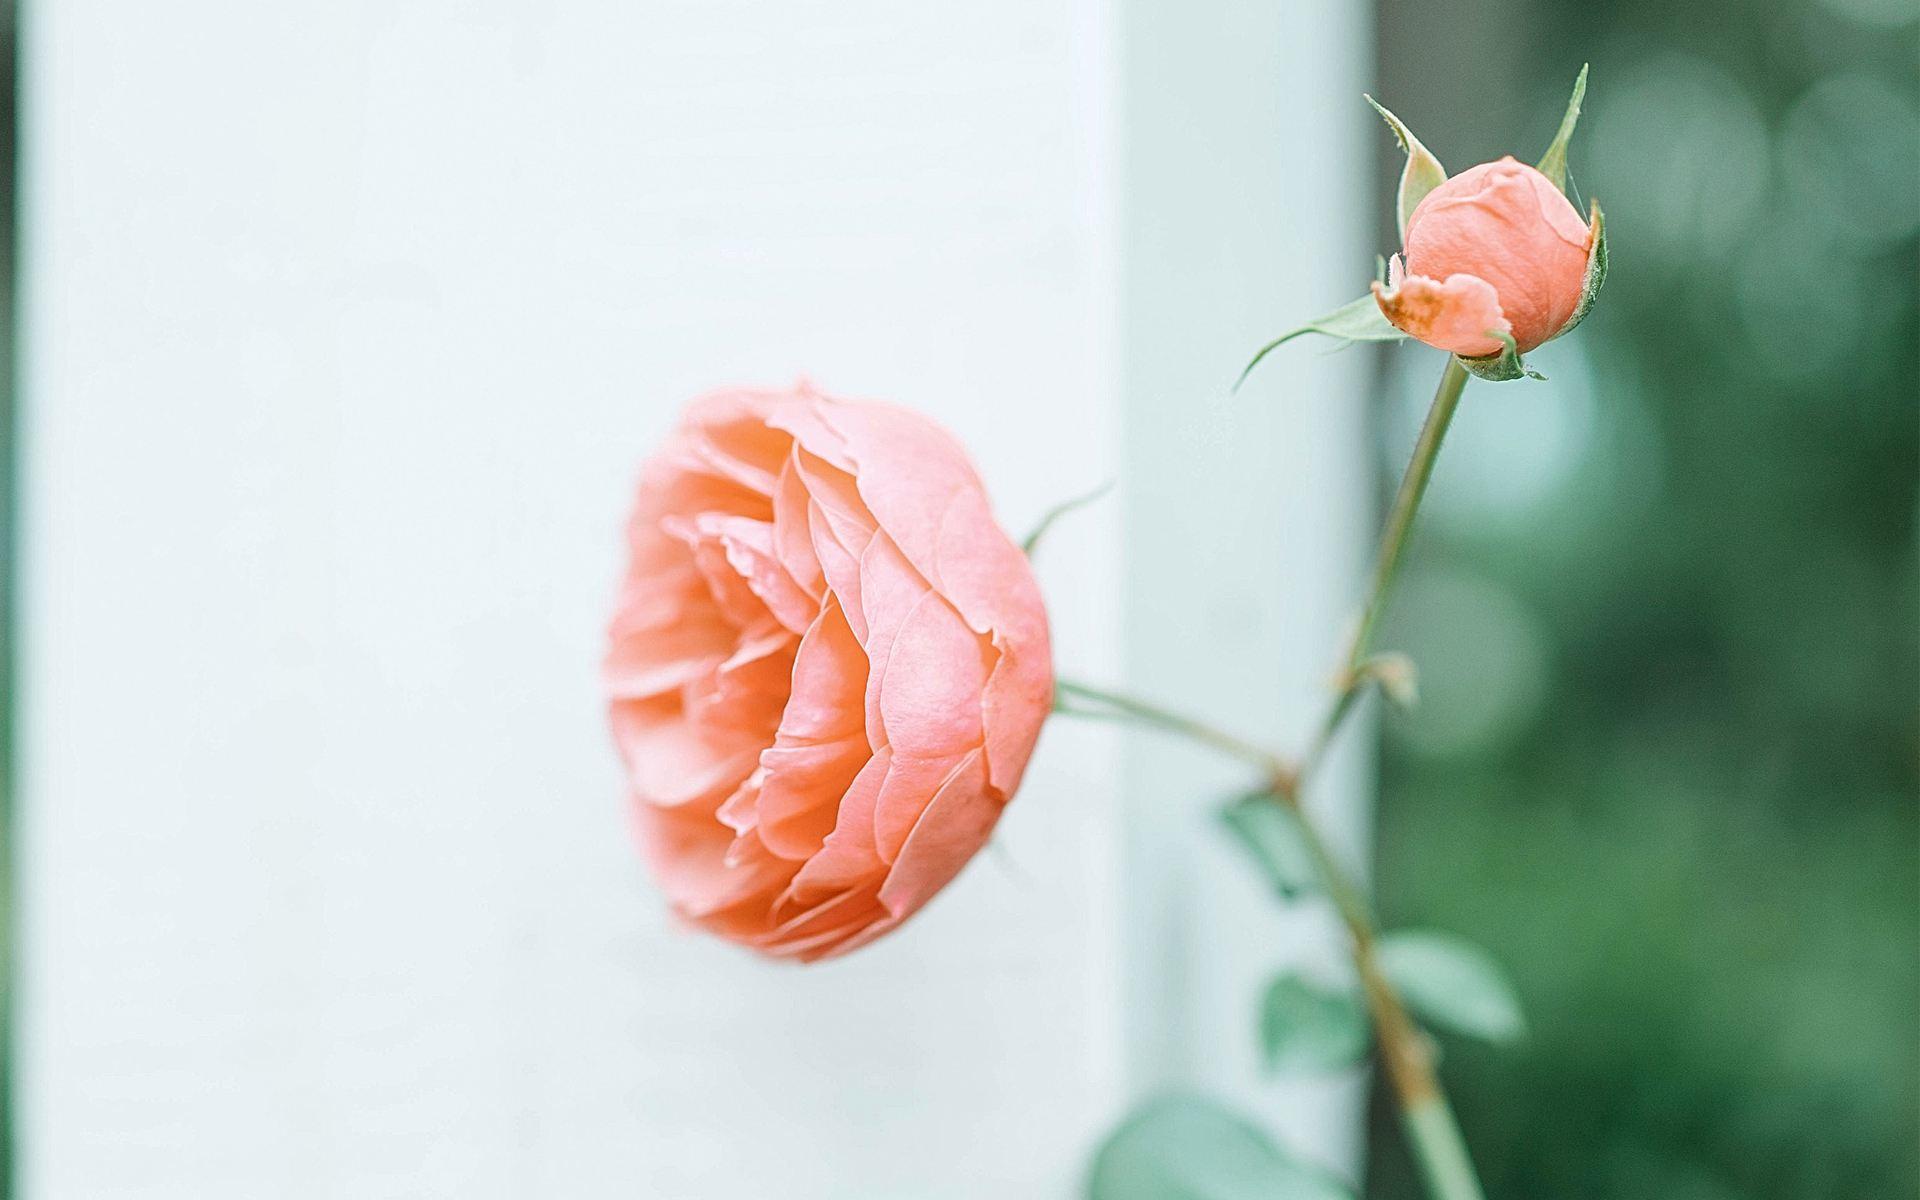 人生感悟成长蜕变的励志语录:世间岁月,苟且生存着